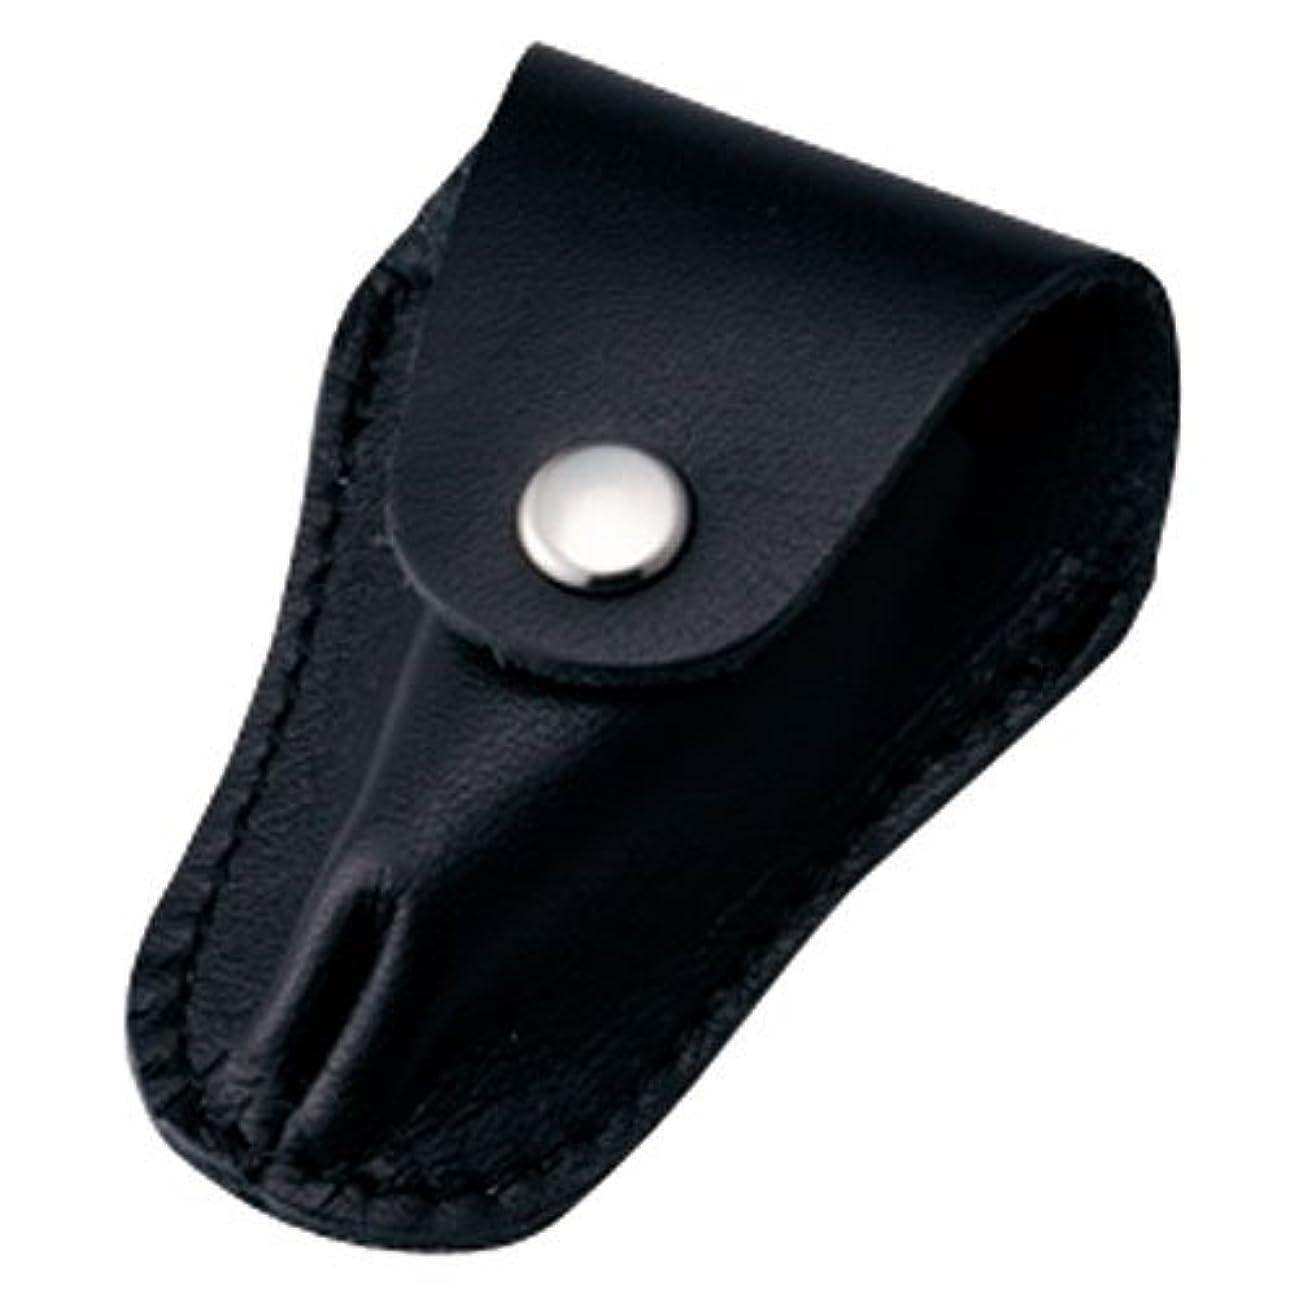 の慈悲で健全不正直内海 ニッパーキャップL ブラック 本革製のキューティクルニッパー用刃先カバー